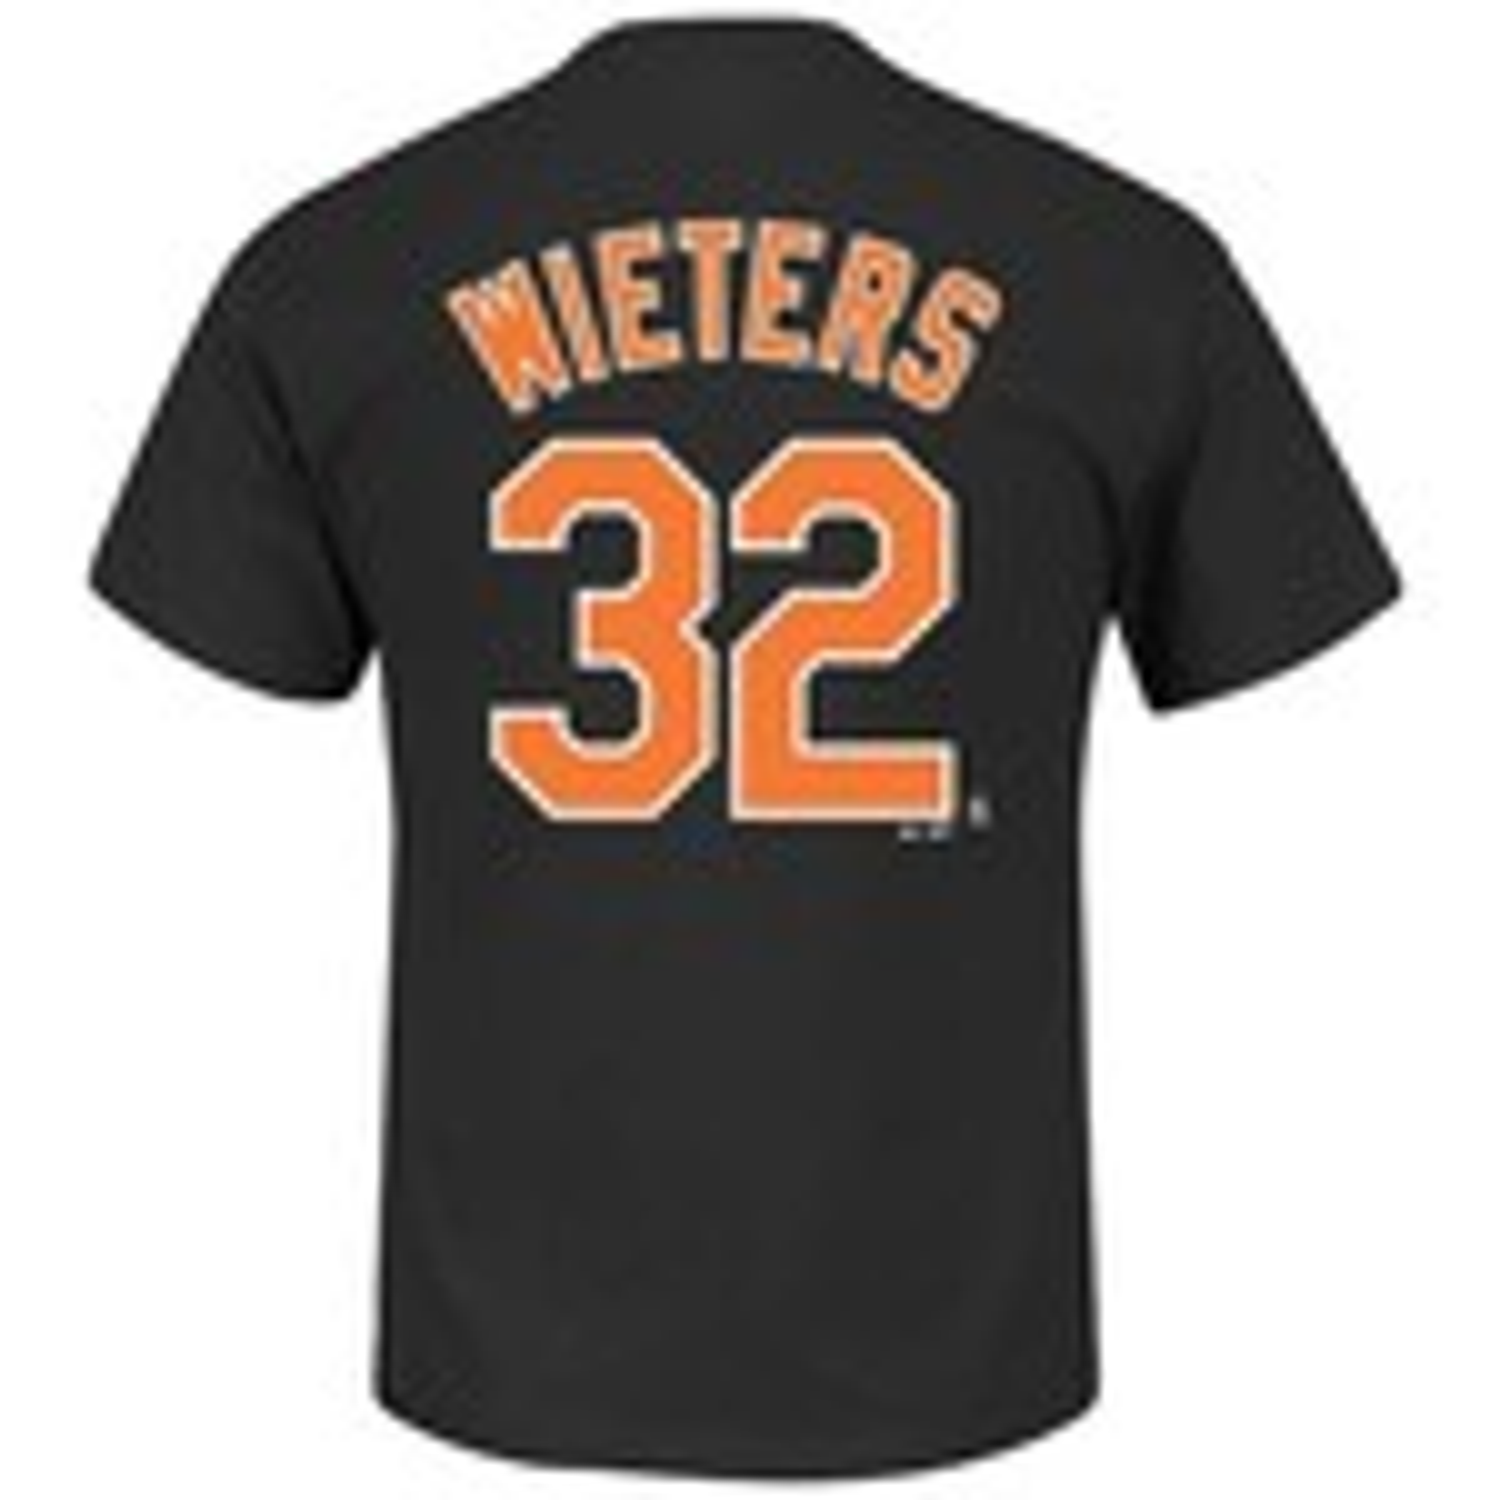 Majestic Men's Baltimore Orioles Matt Wieters #32 Wordmark T-shirt